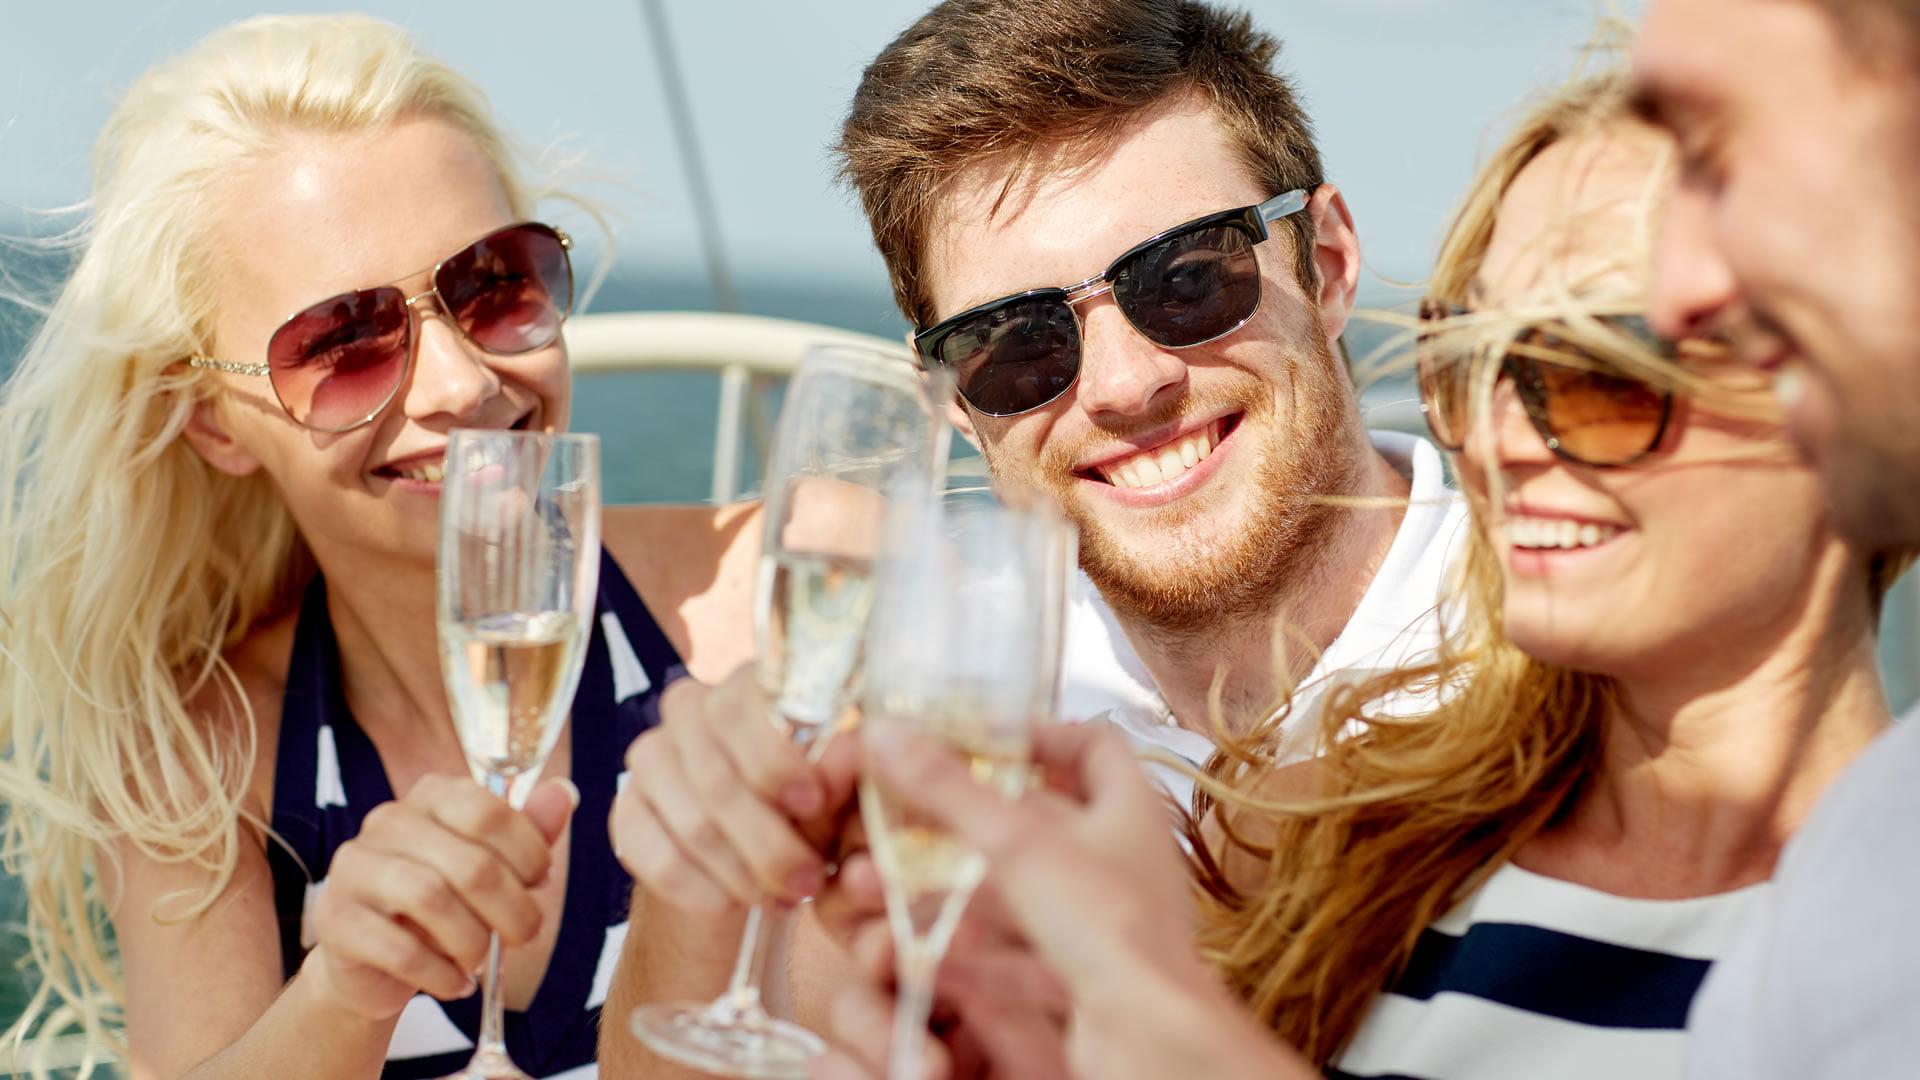 SINGLES ADULTOS - Web de viajes para solteros